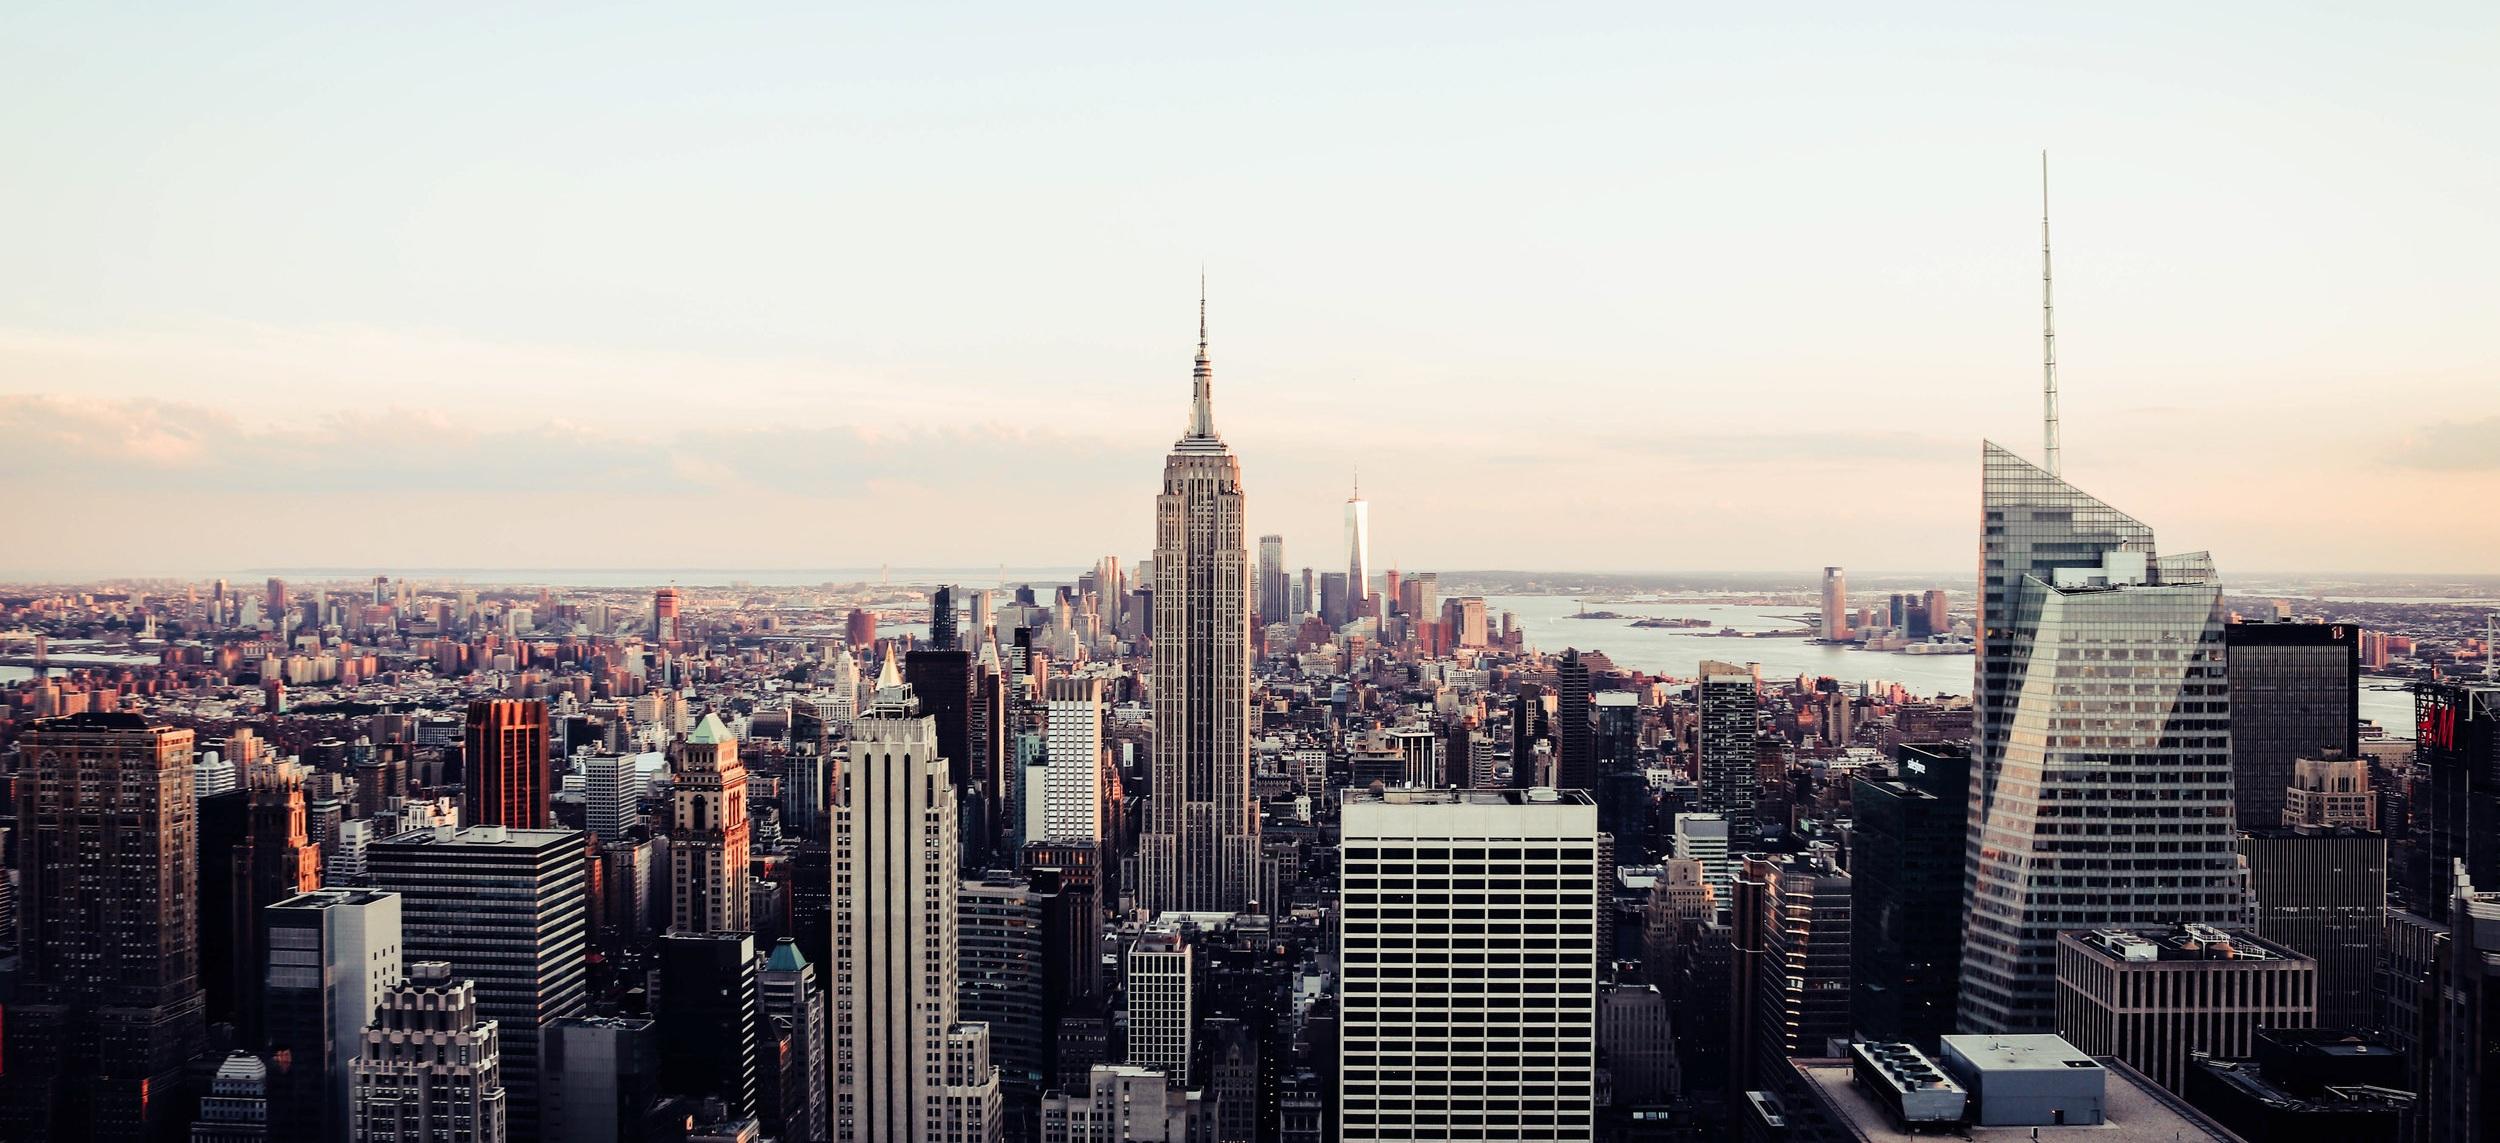 DAG 1 ANKOMST - Vi ankommer till New York cirka 15:00 lokal tid och vår svensktalande guide tar oss till vårt hotell på Manhattan. På vägen dit guidas vi kring allmän information om New York och resans innehåll samt hålltider. Sedan checkar vi in på Hilton Doubletree Times Square West. Hotellet har ett härligt läge väldigt nära Times Square.